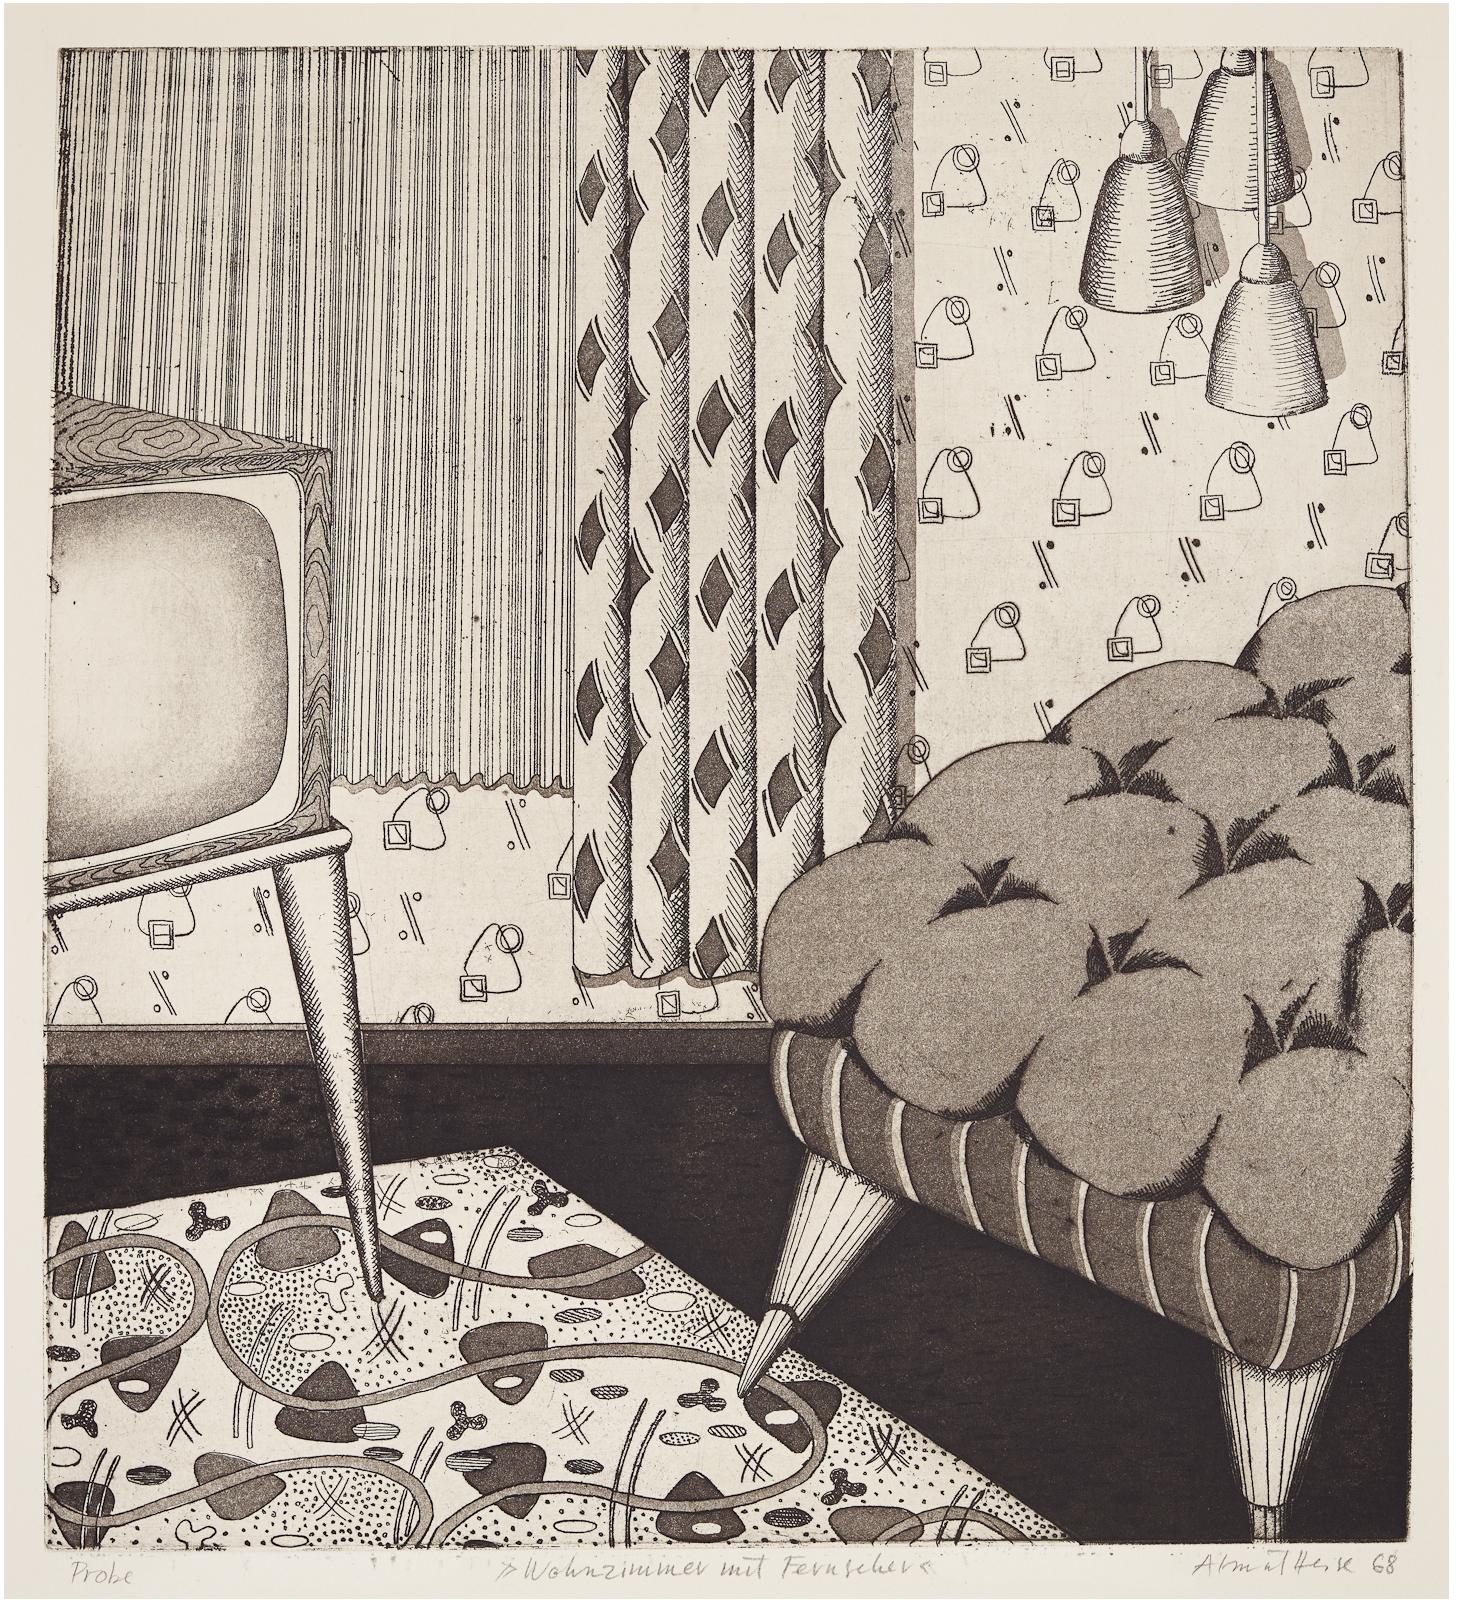 Almut Heise   Wohnzimmer mit Fernseher . 1968 Strichätzung, Aquatinta 40 x 36 cm EInzelstück .signiert und datiert  1.000 Euro